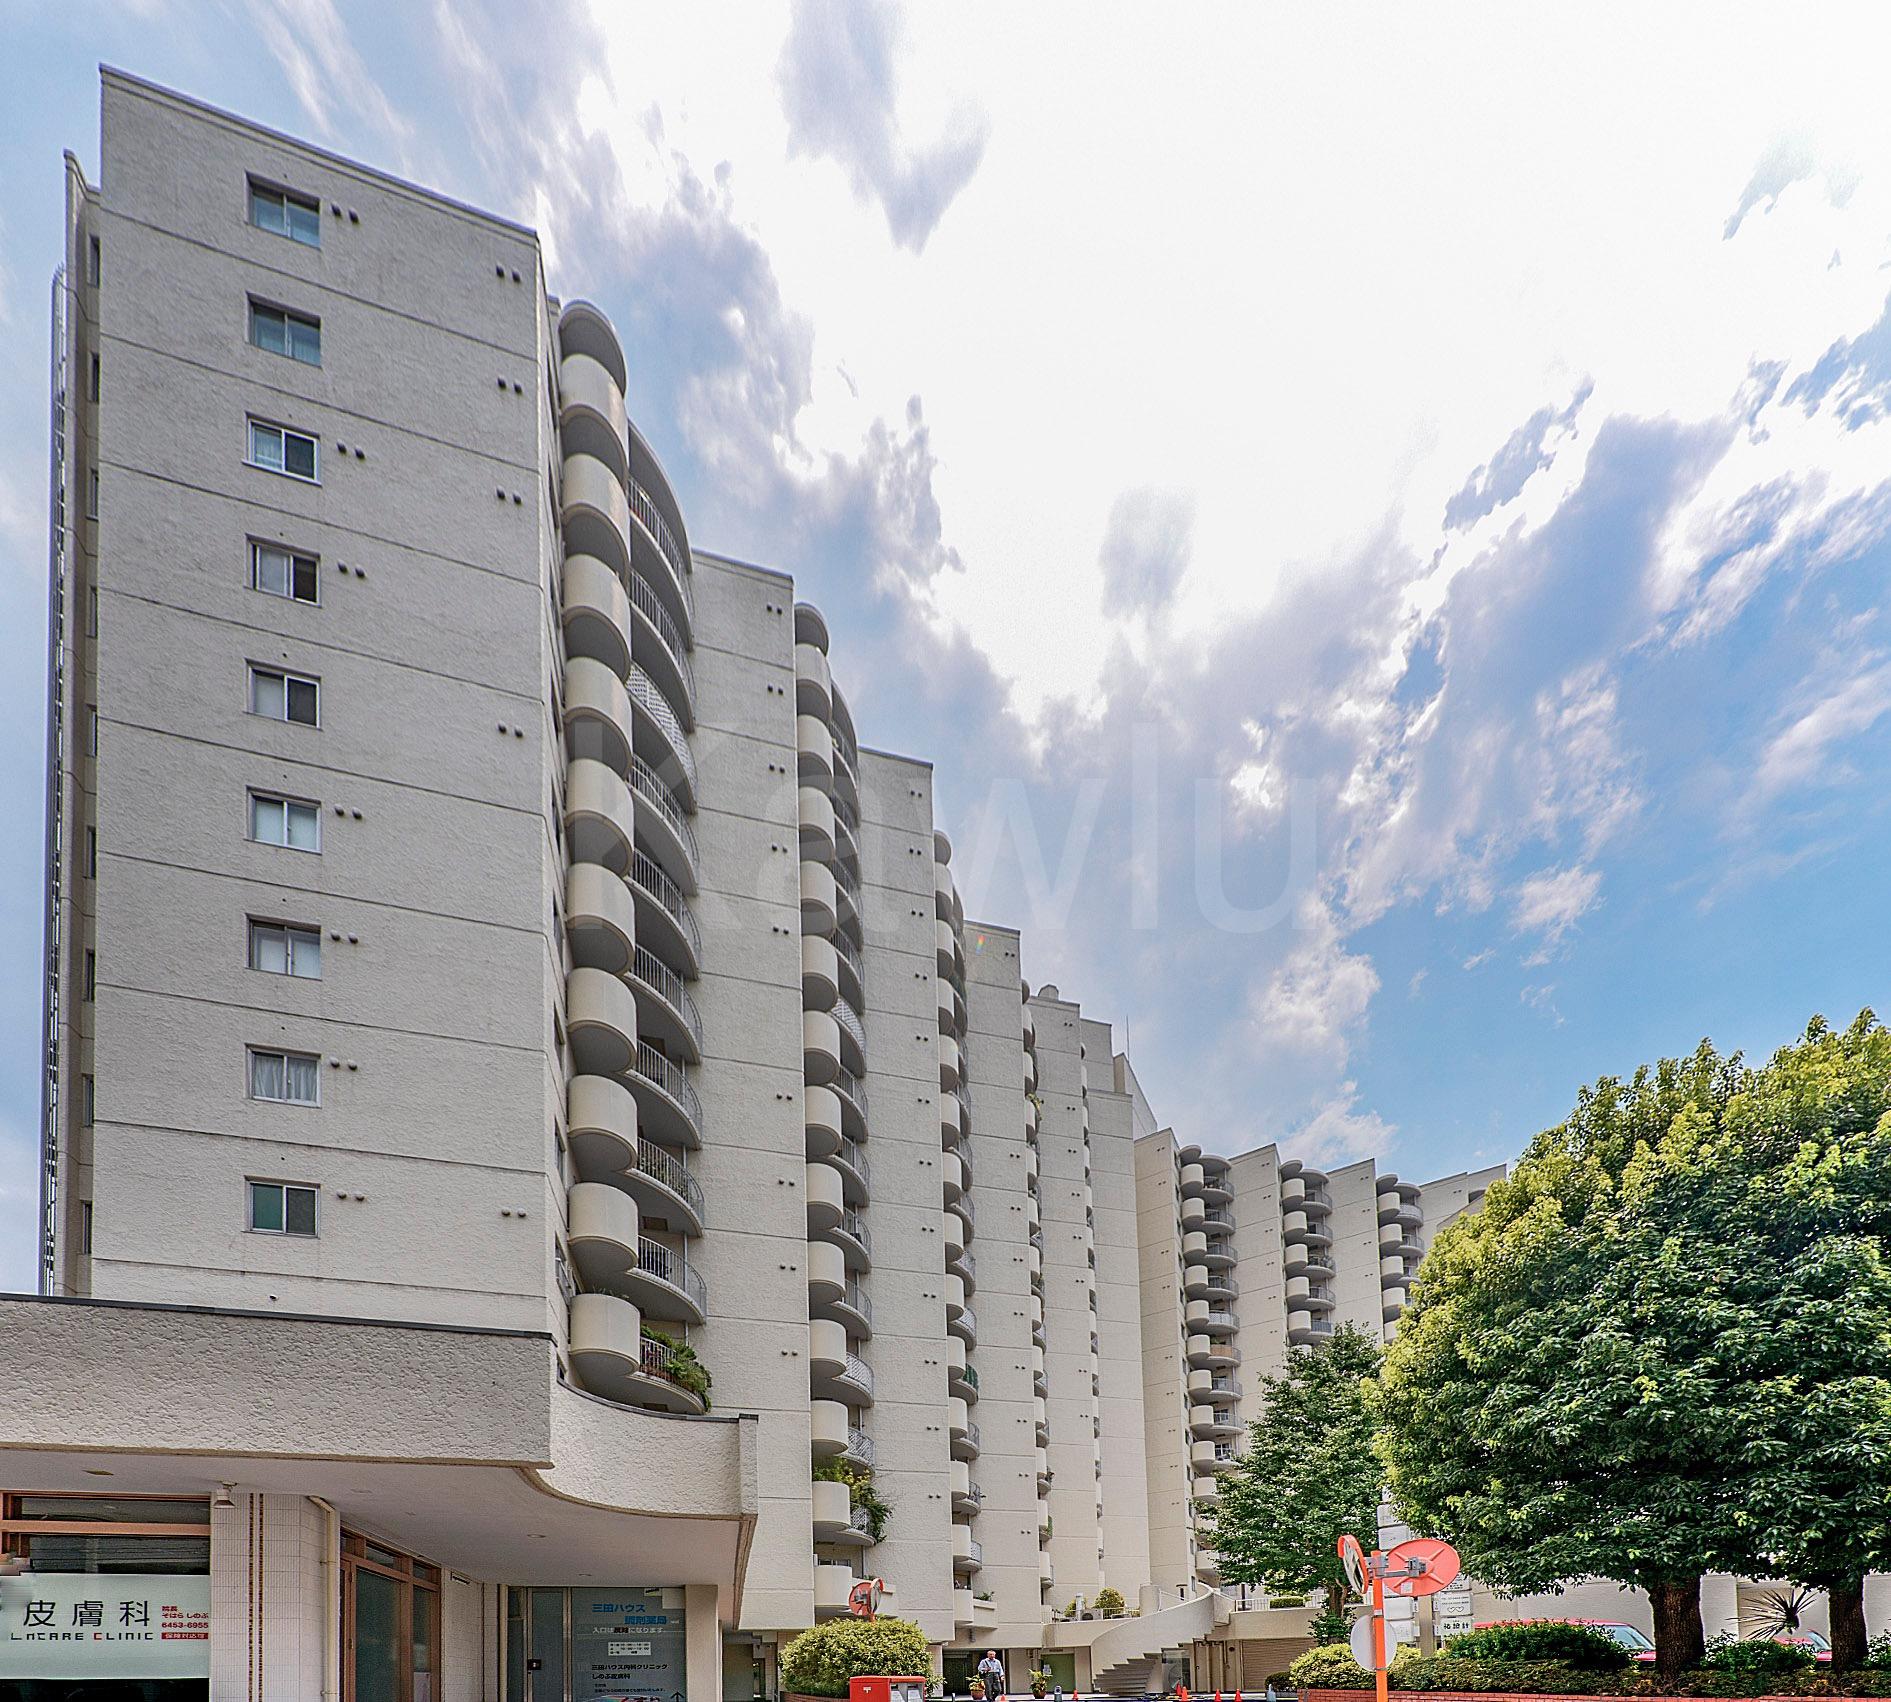 三田ハウスは、港区のブランドエリアに位置するヴィンテージマンション!